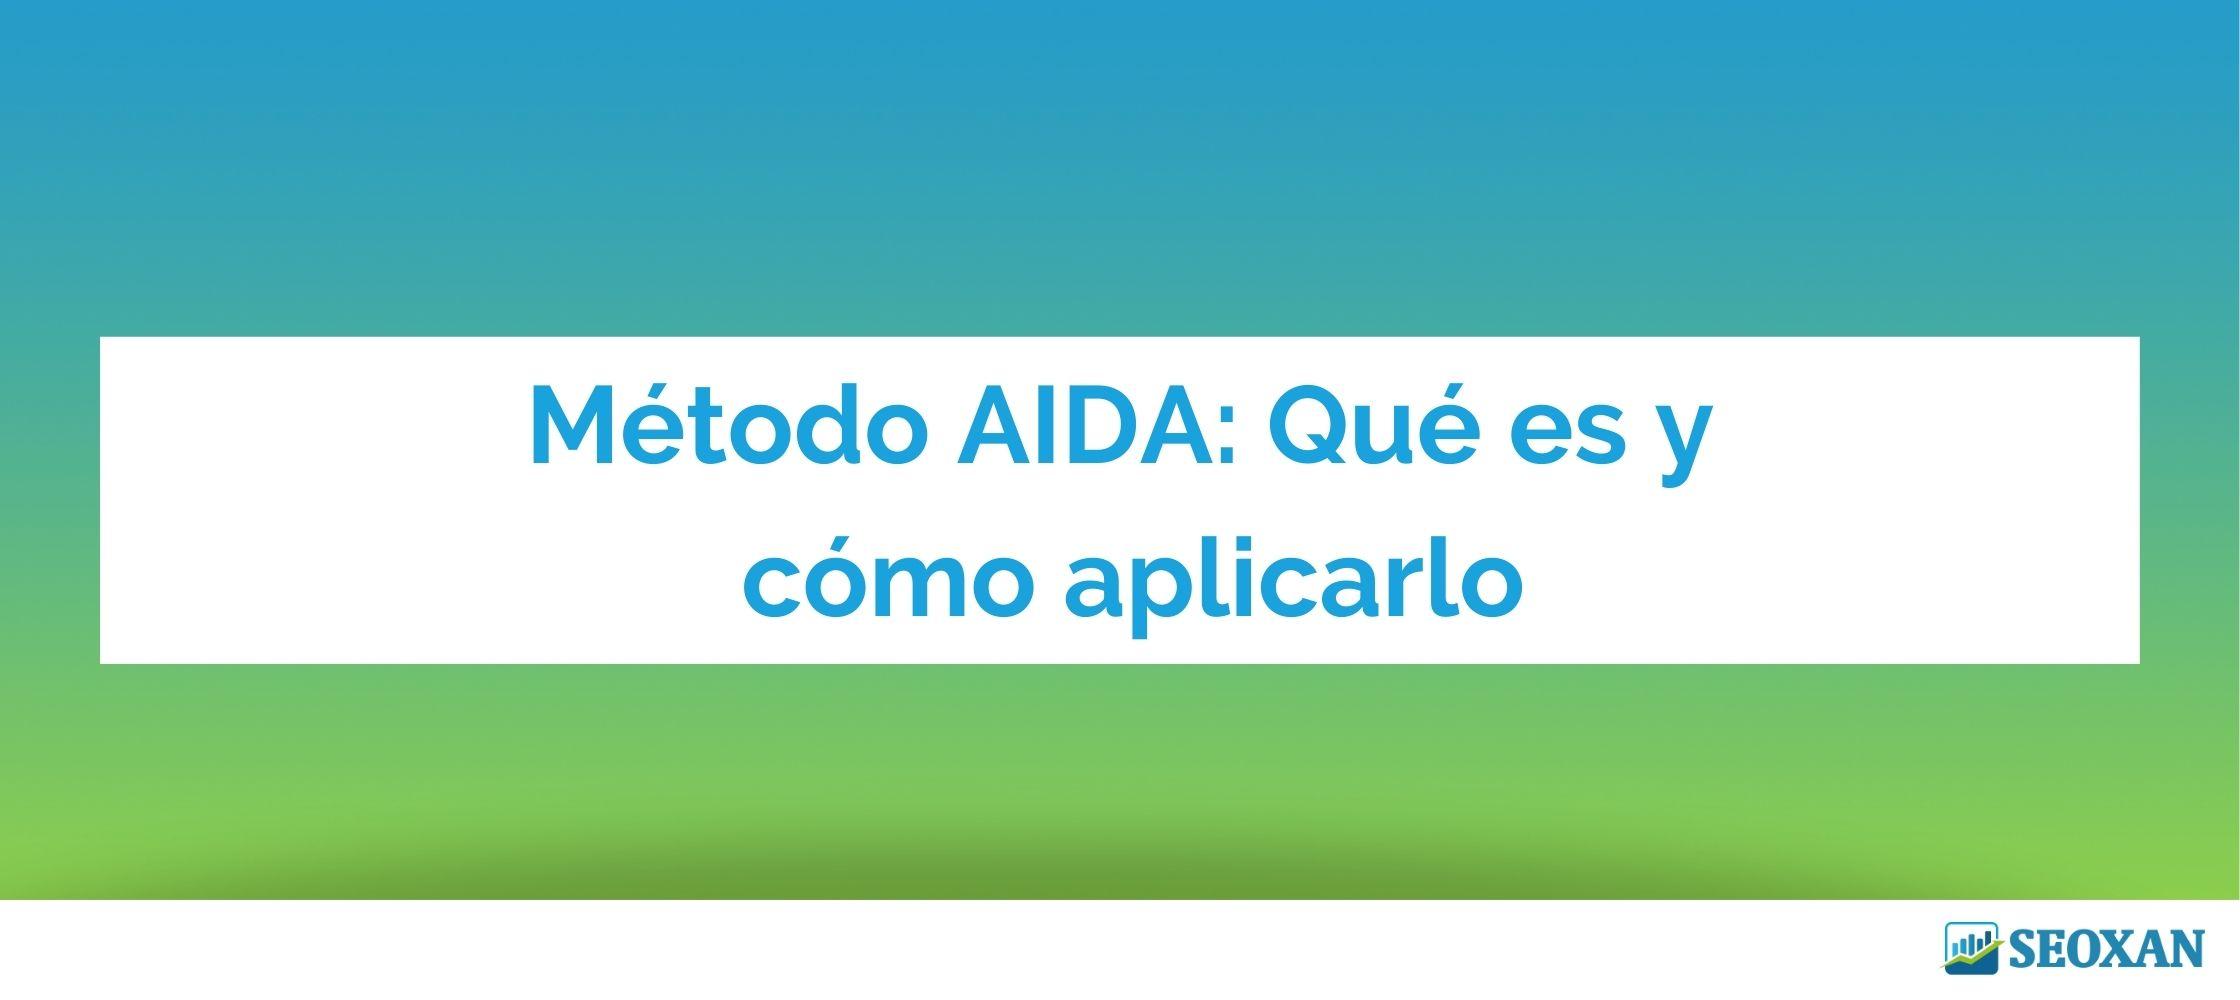 Método AIDA: Qué es y cómo aplicarlo